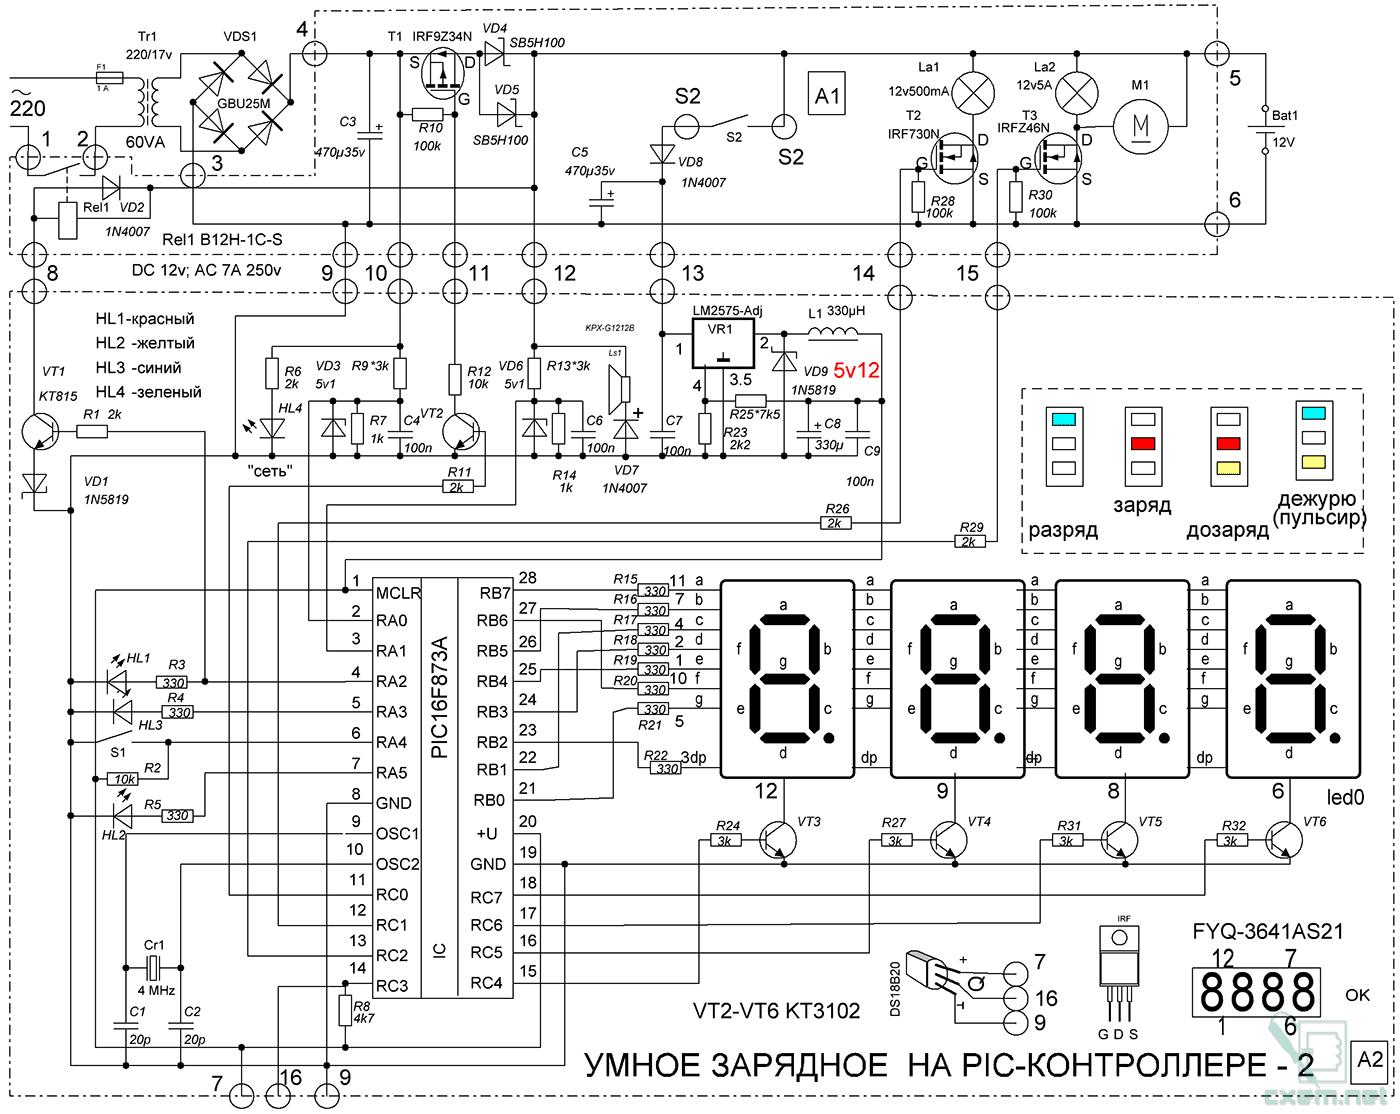 Ремонт зарядного устройства вымпел 55 своими руками 80